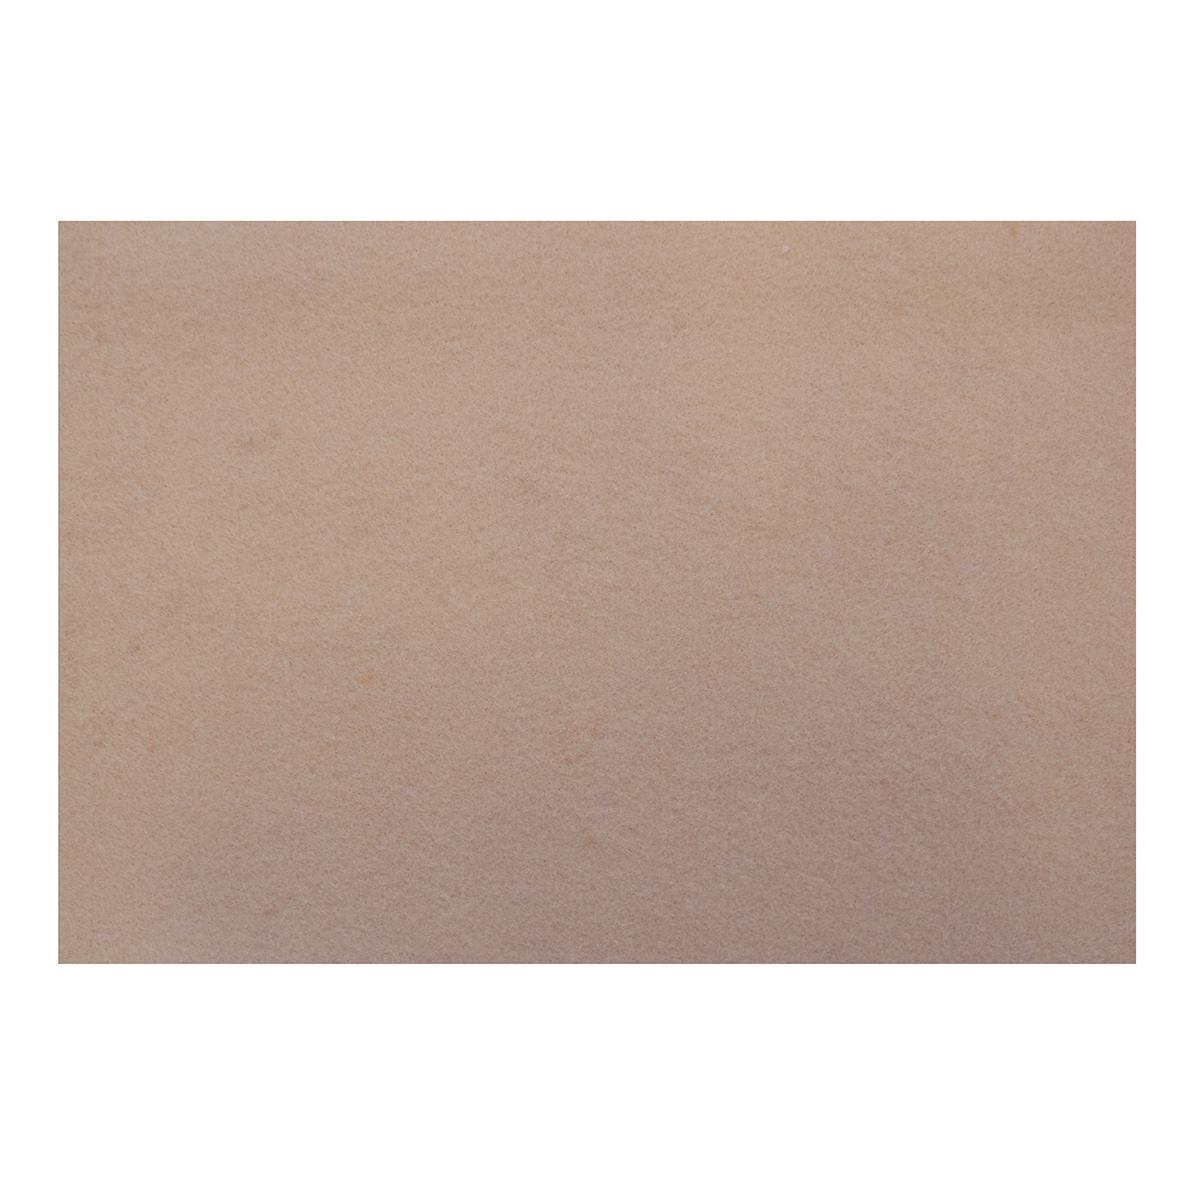 Фетр листовой Астра, цвет: персиковый, 20 х 30 см, 10 шт7708618_YF 652 персиковыйФетр декоративный Астра очень приятен в работе: не сыпется, хорошо клеится, режется и сгибается в любых направлениях. Фетр отлично сочетается с предметами в технике фильцевания.Из фетра получаются чудеснейшие украшения (броши, подвески и так далее), обложки для книг, блокнотов и документов, картины, интересные детали дляинтерьера и прочее.Размер одного листа: 200 x 300 мм.